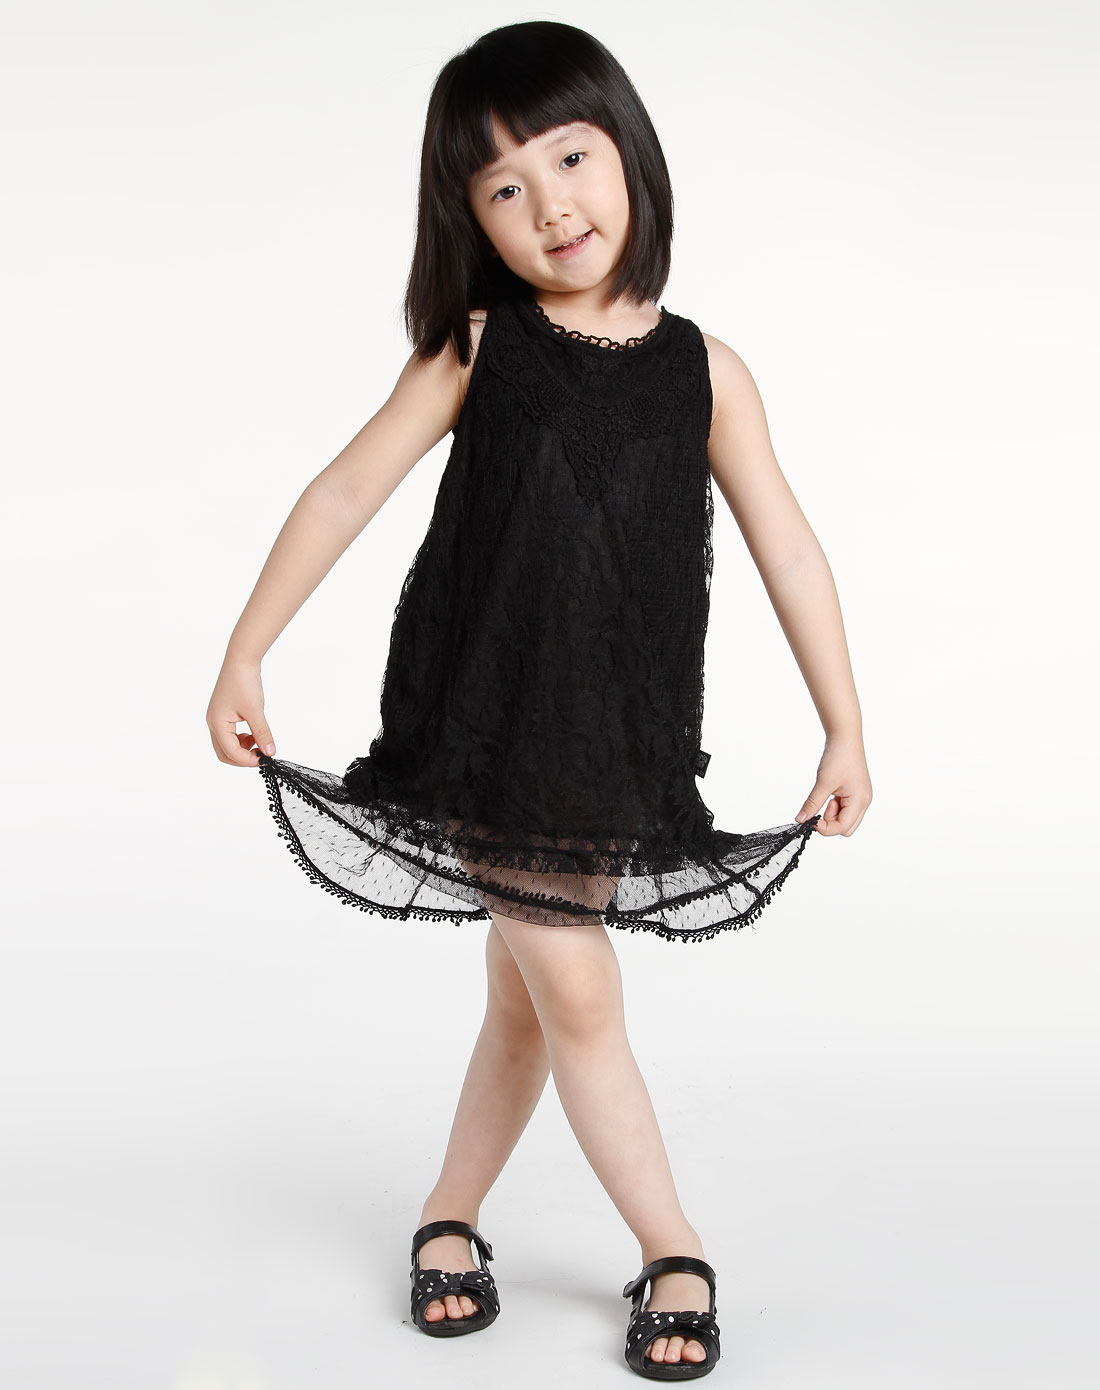 女童木炭黑背心裙-唯品会手机版